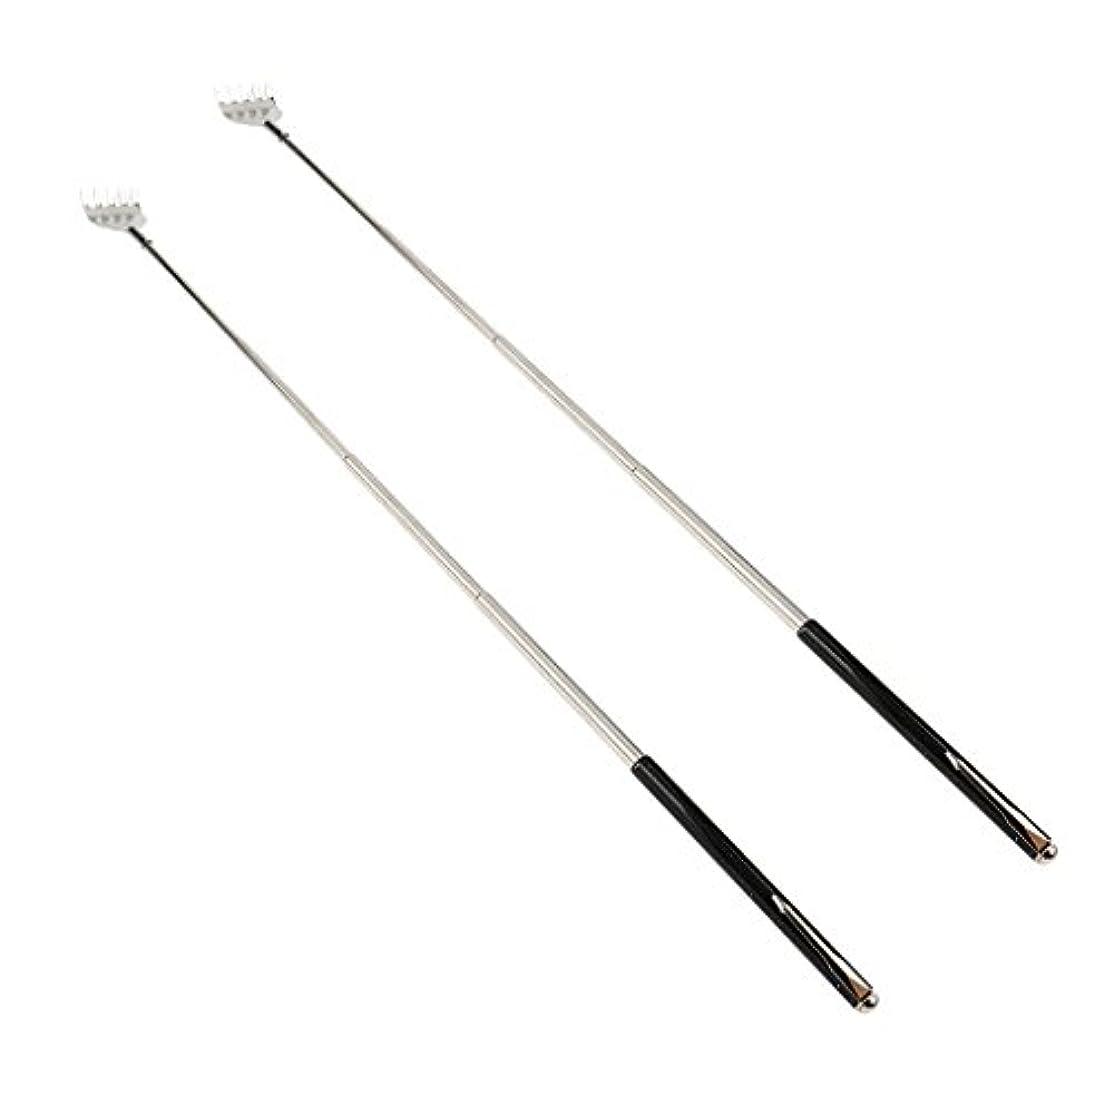 試みるチャレンジグリットdailymall 2ピースバックスクラッチャー伸縮式爪拡張可能なかゆみハンドマッサージペンフック付き